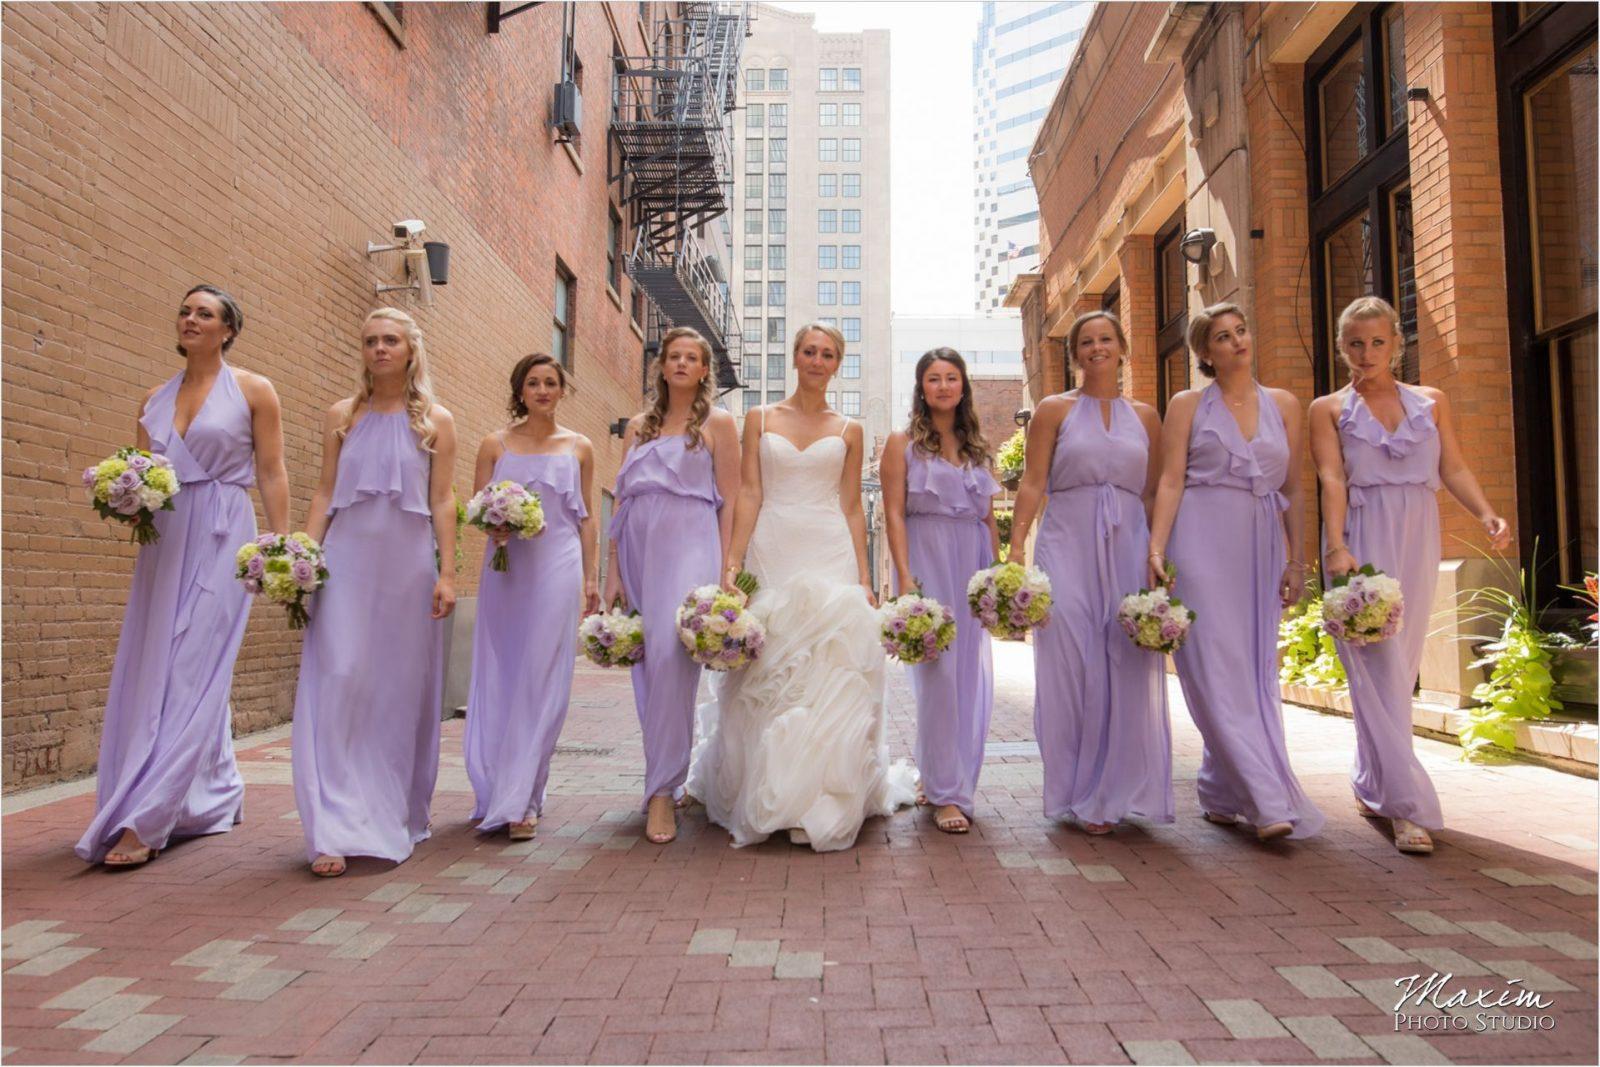 Cincinnati Nicholson Alley Bridesmaids pictures